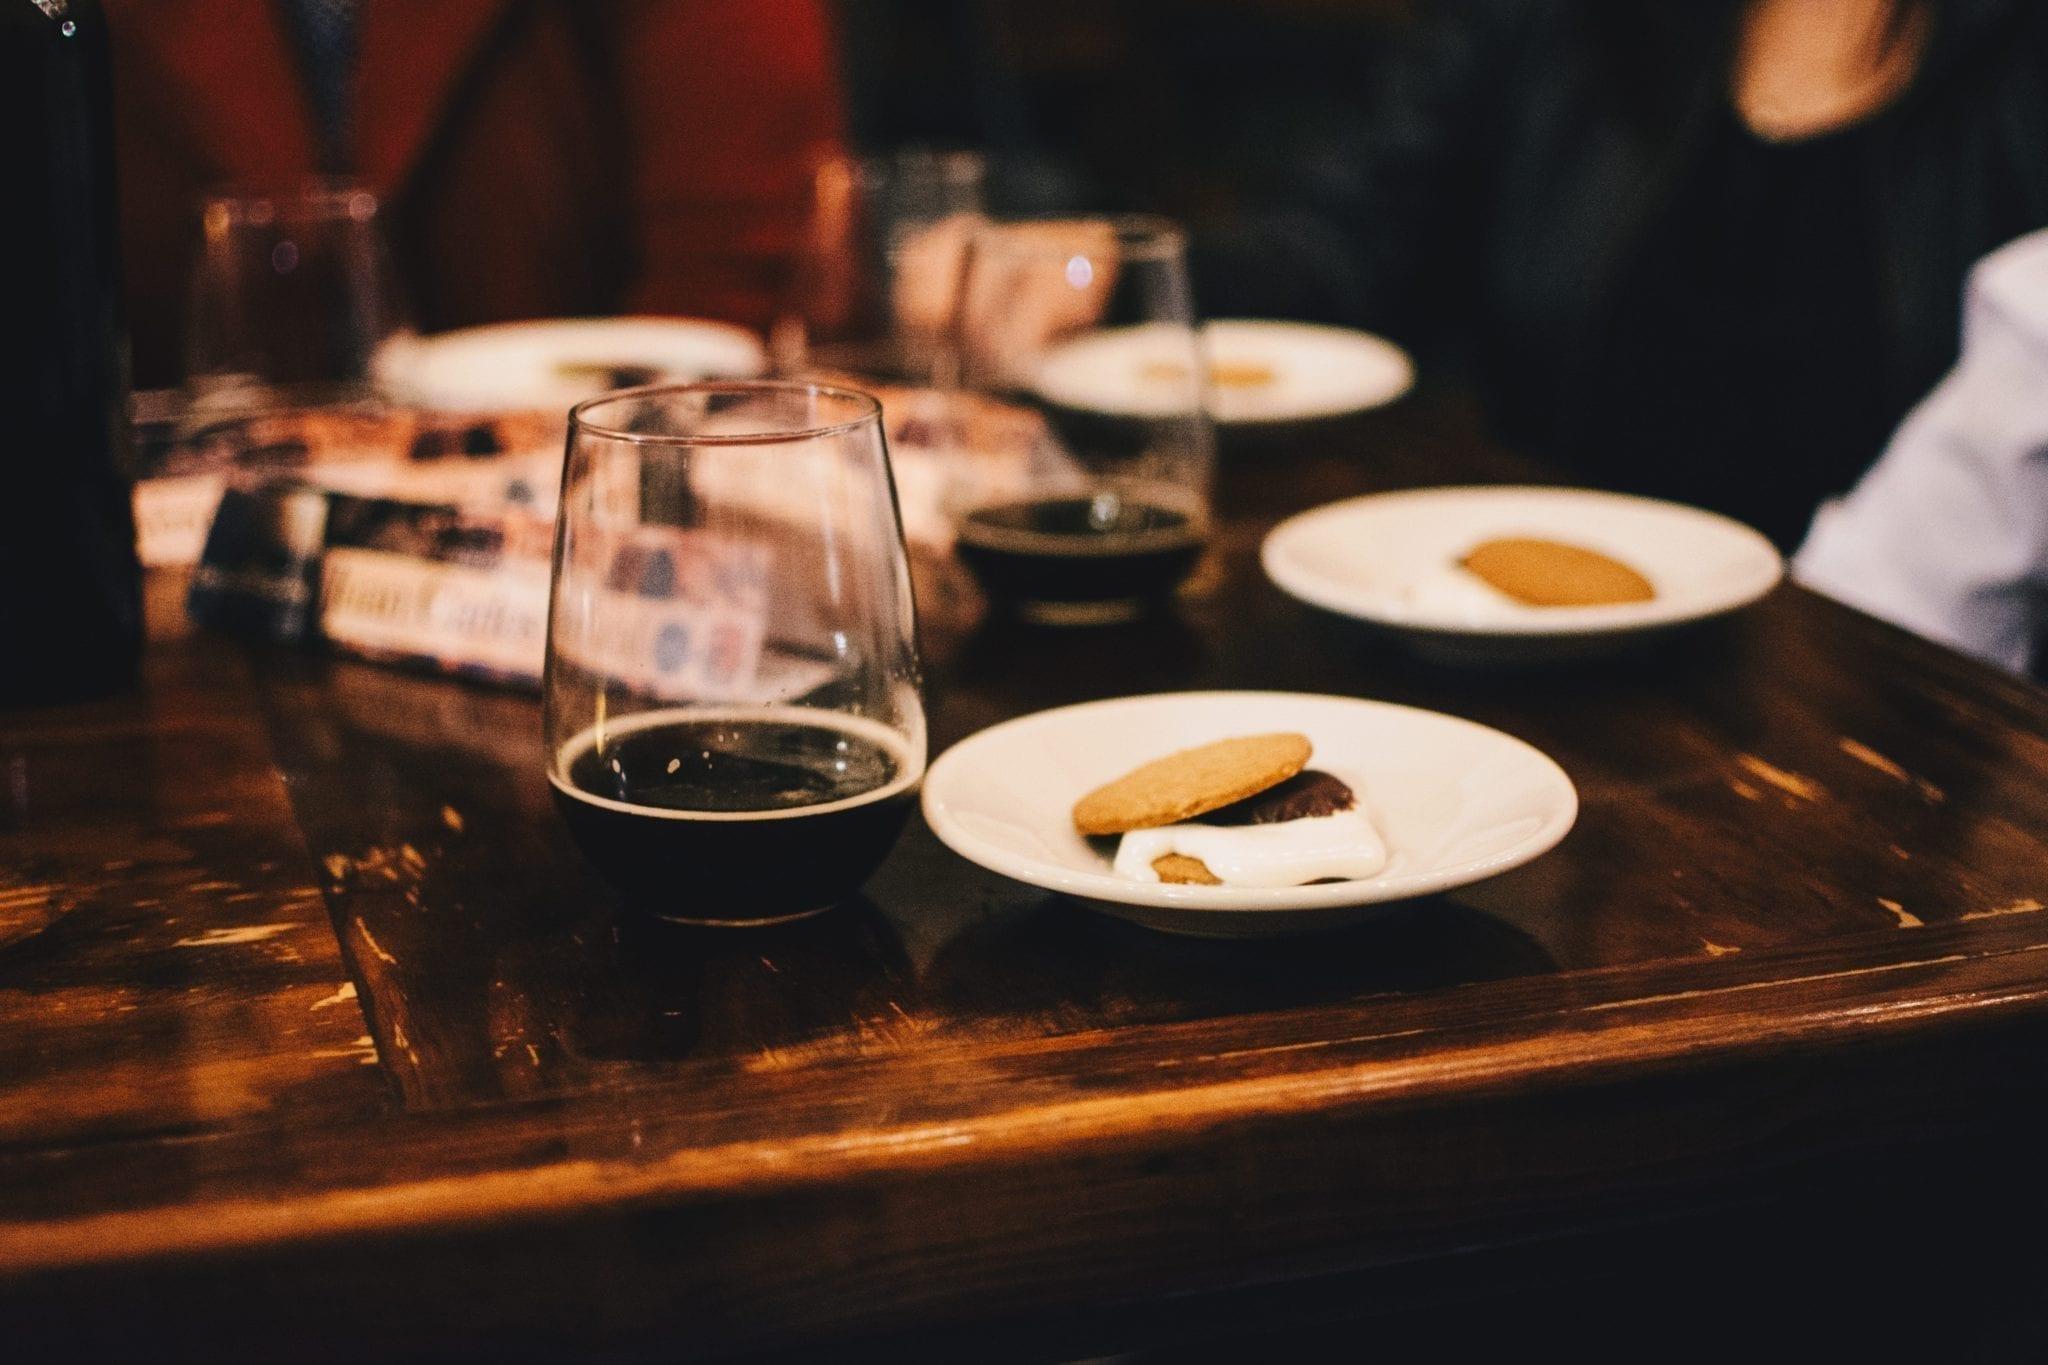 Keskustele osallistujien kanssa työpajasi jälkeen syömällä ja juomalla tällaisessa ravintolassa.